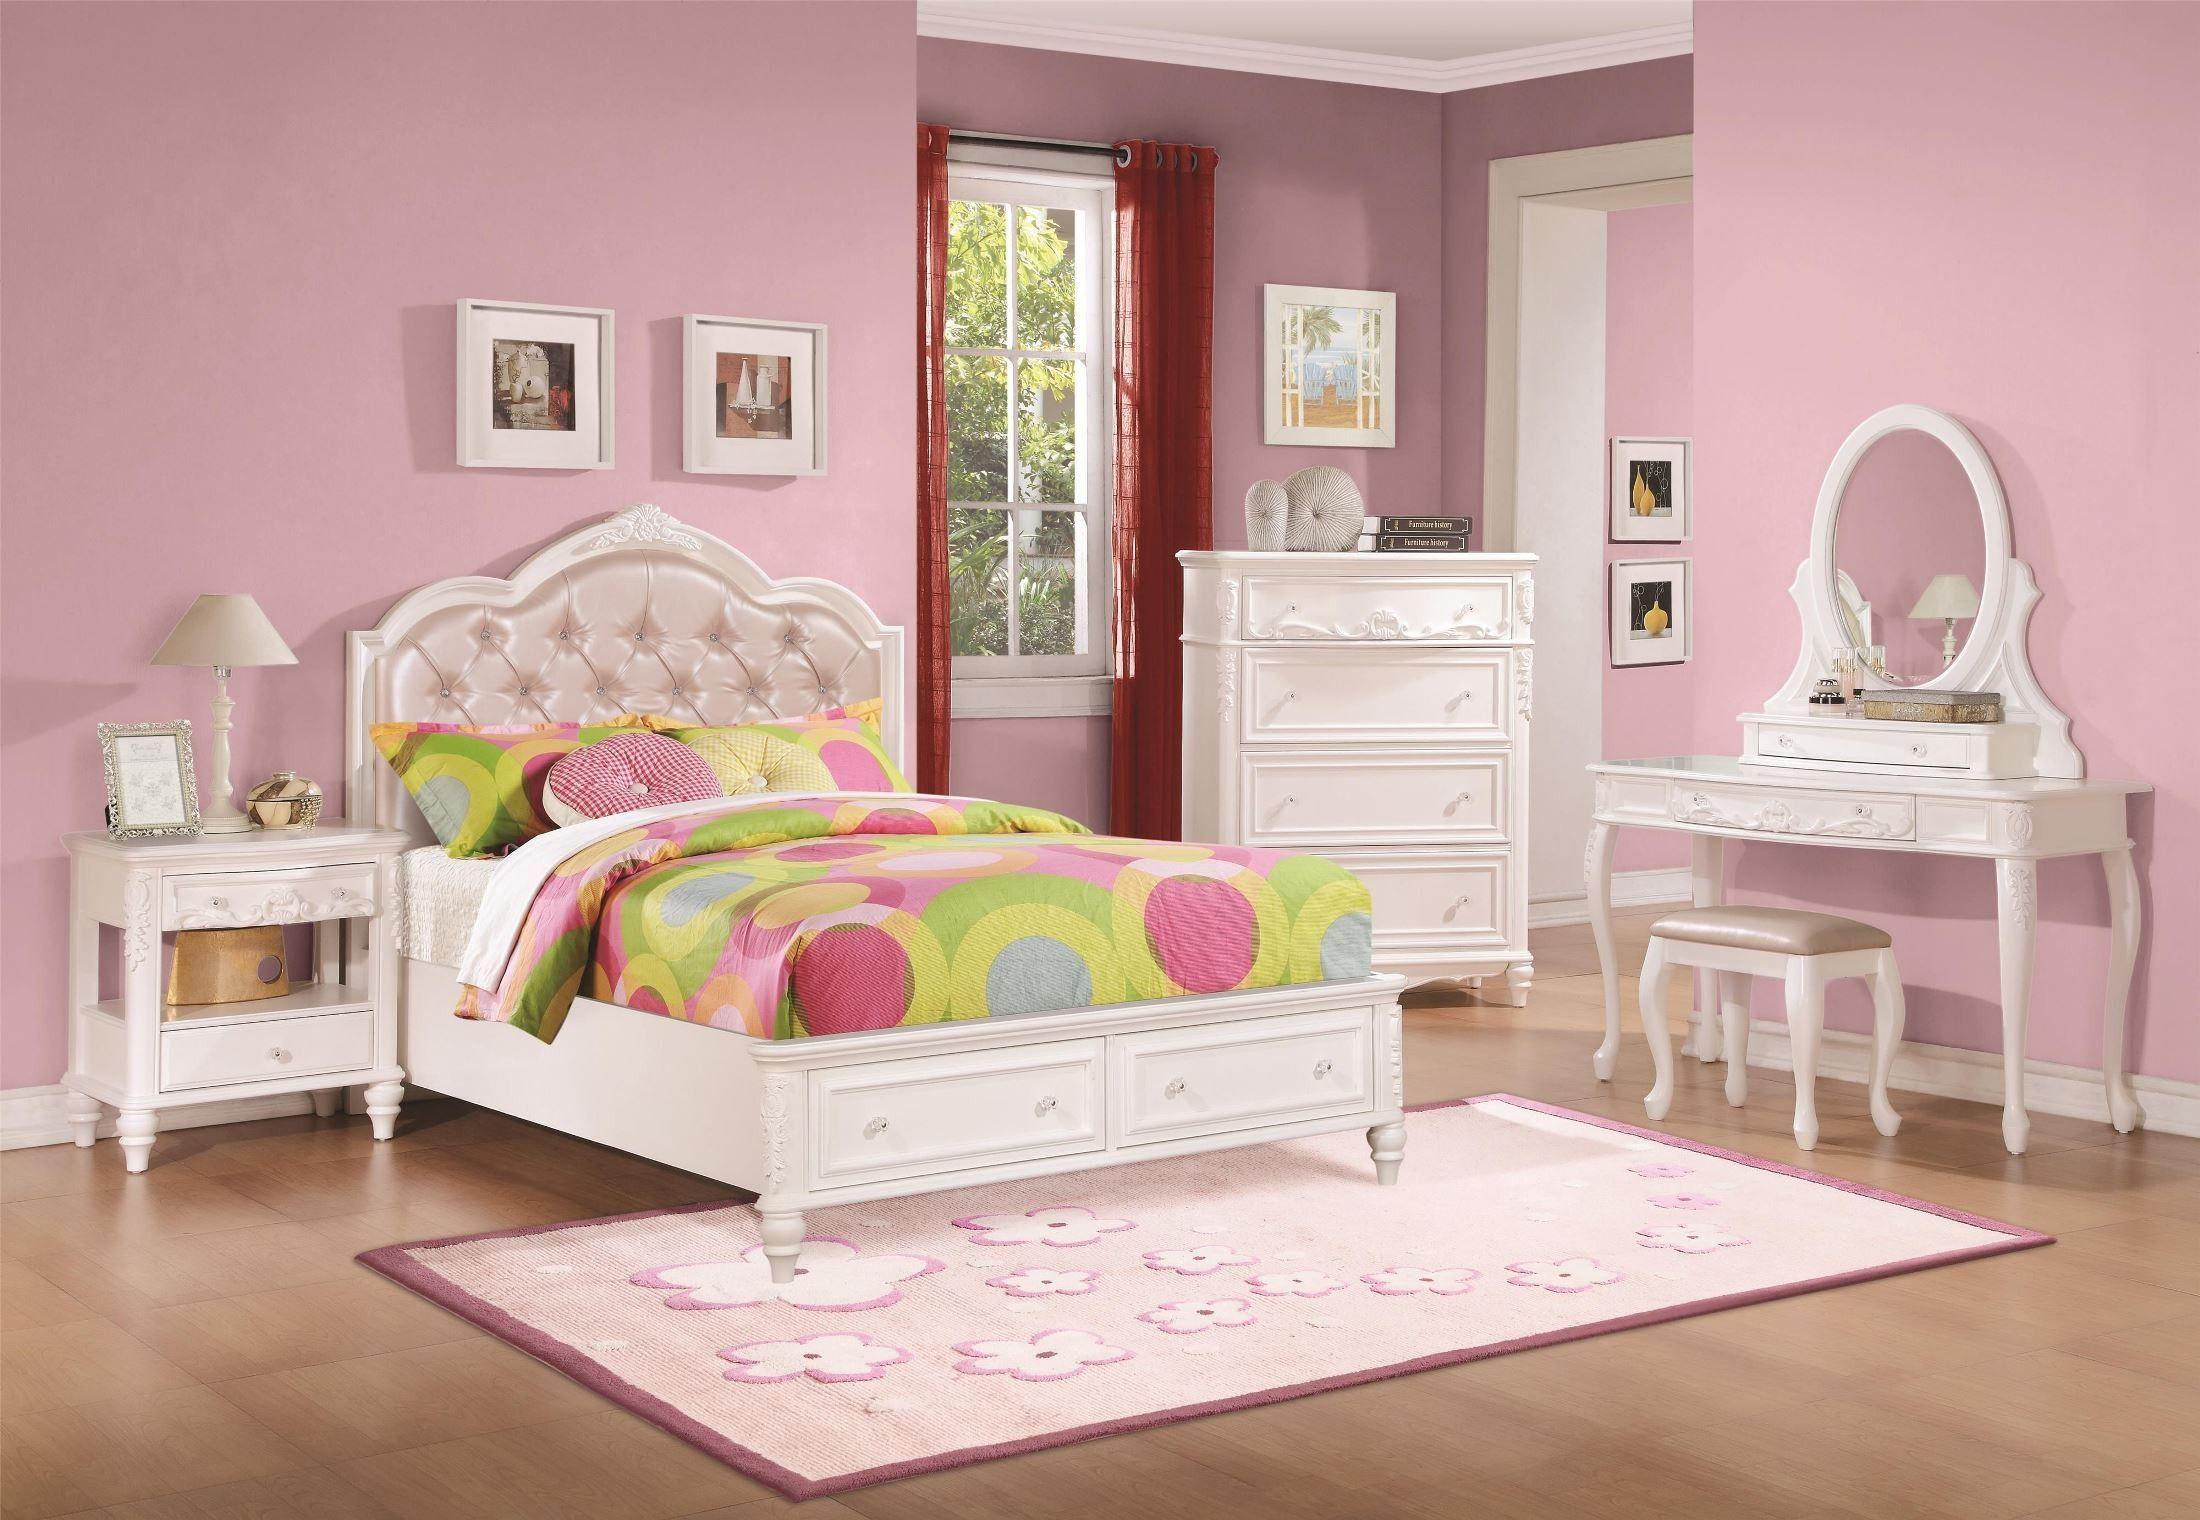 Caroline White Diamond Tufted Youth Storage Platform Bedroom Set Upholstered Bedroom Set Bedroom Set Platform Bedroom Sets